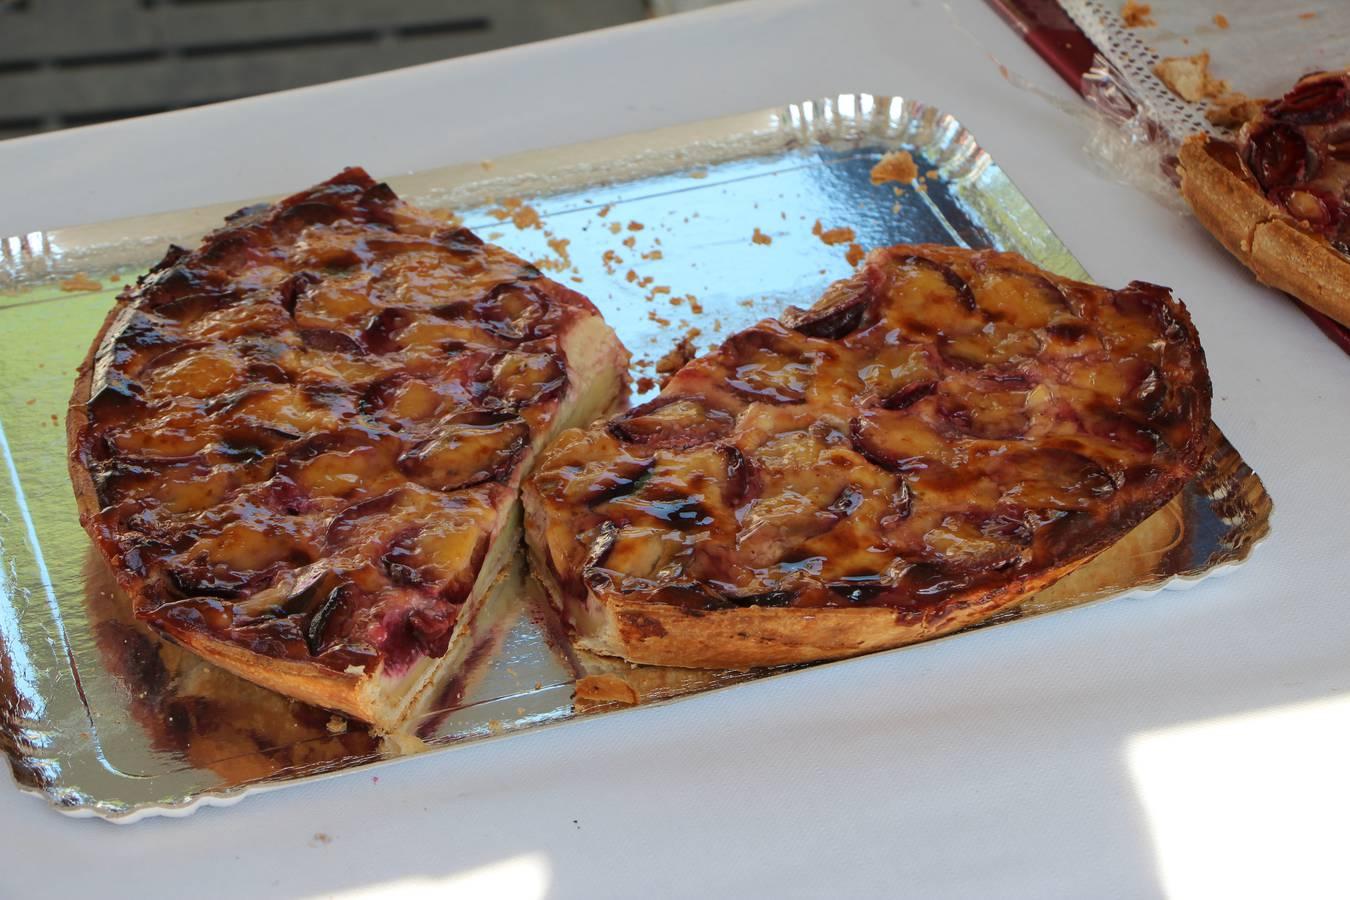 21 Bäckerinnen und Bäcker haben am Wähenwettbewerb teilgenommen. (© FM1Today)